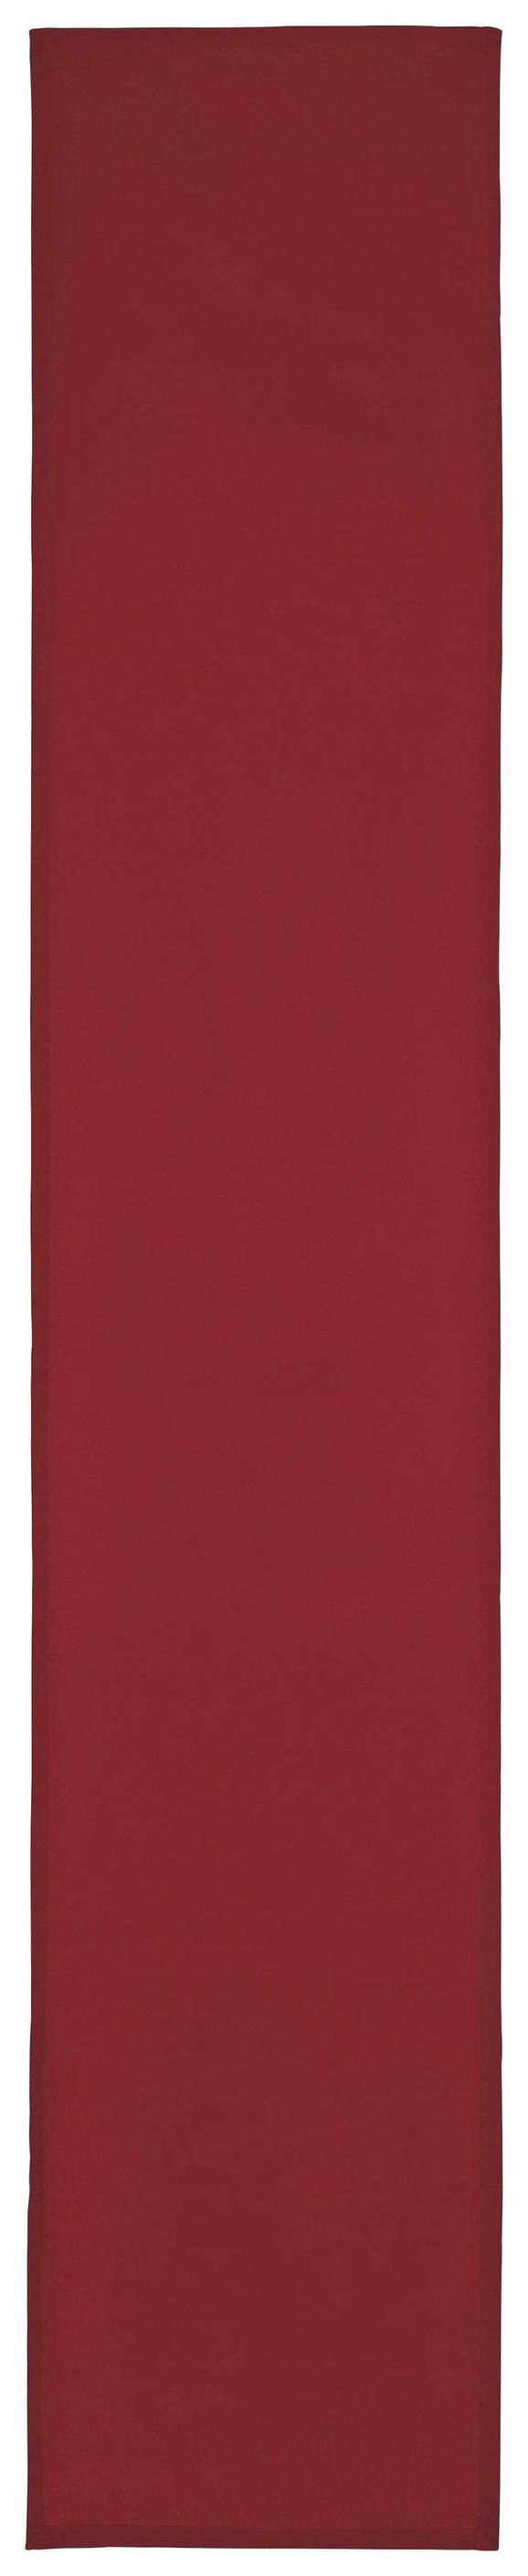 Asztali Futó Steffi Extra Méret - piros, textil (45/240cm) - MÖMAX modern living